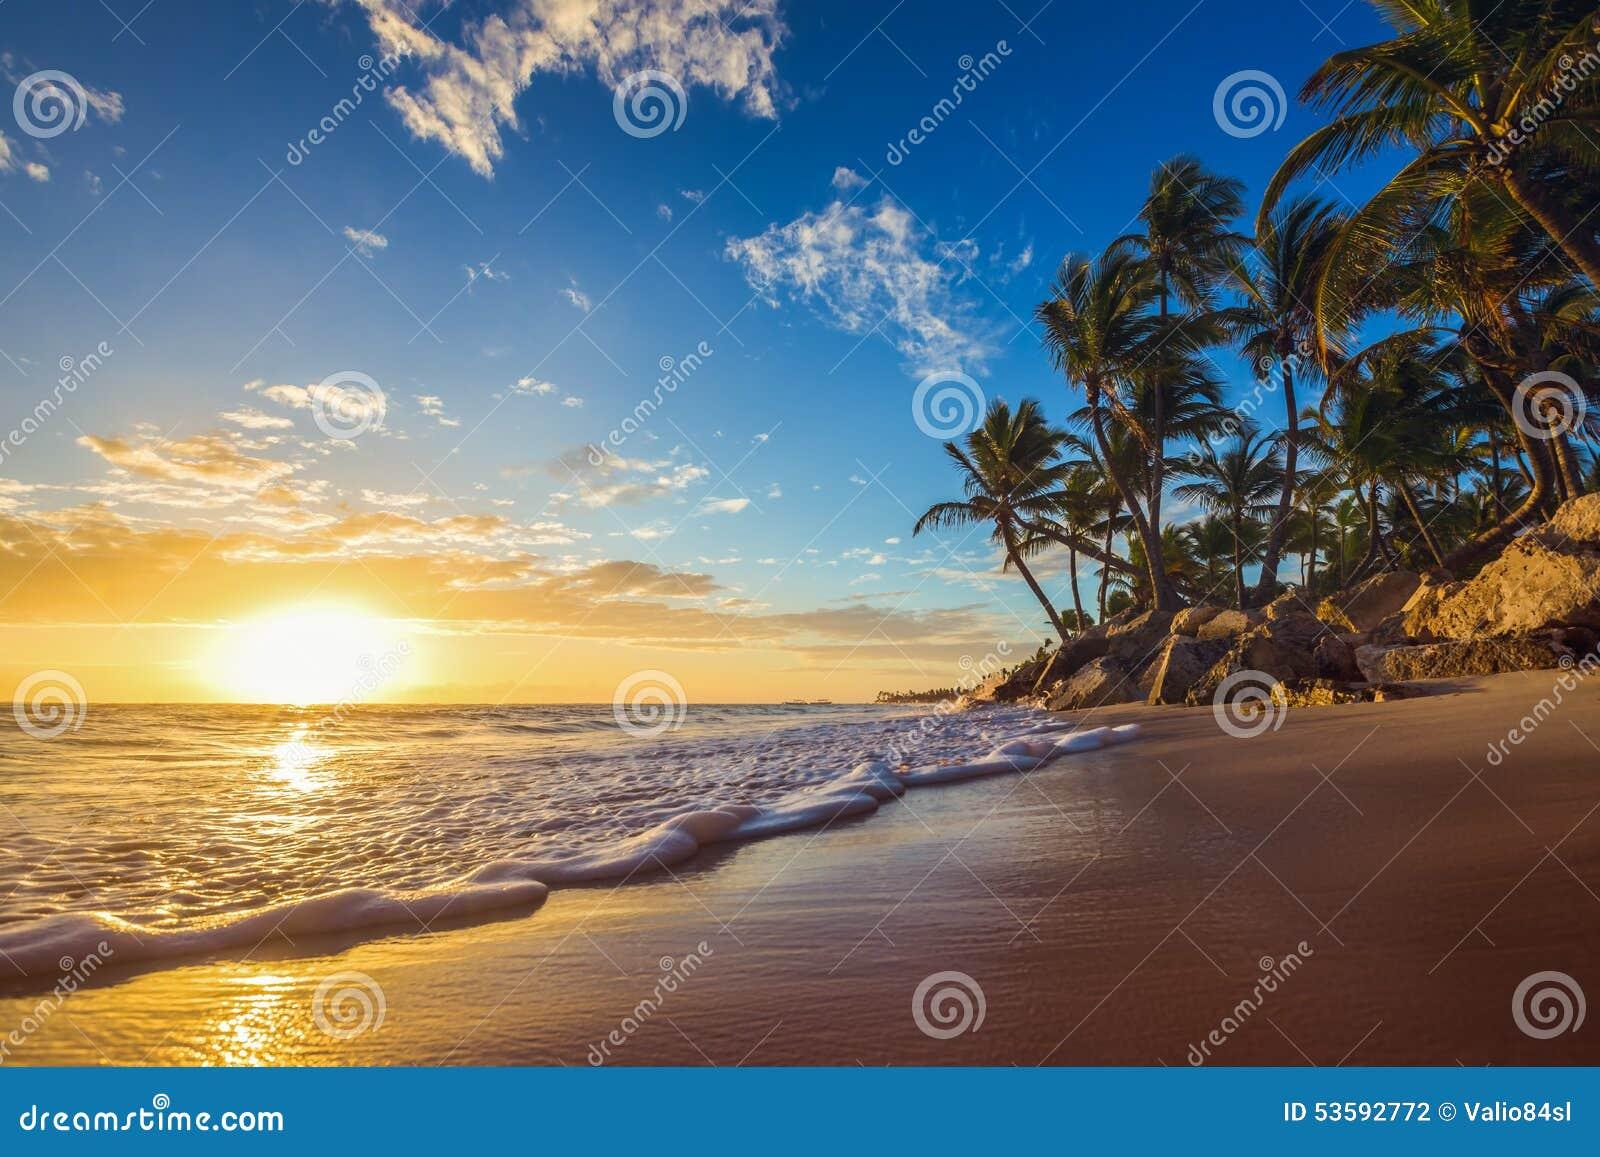 Paisaje de la playa tropical de la isla del paraíso, tiro de la salida del sol